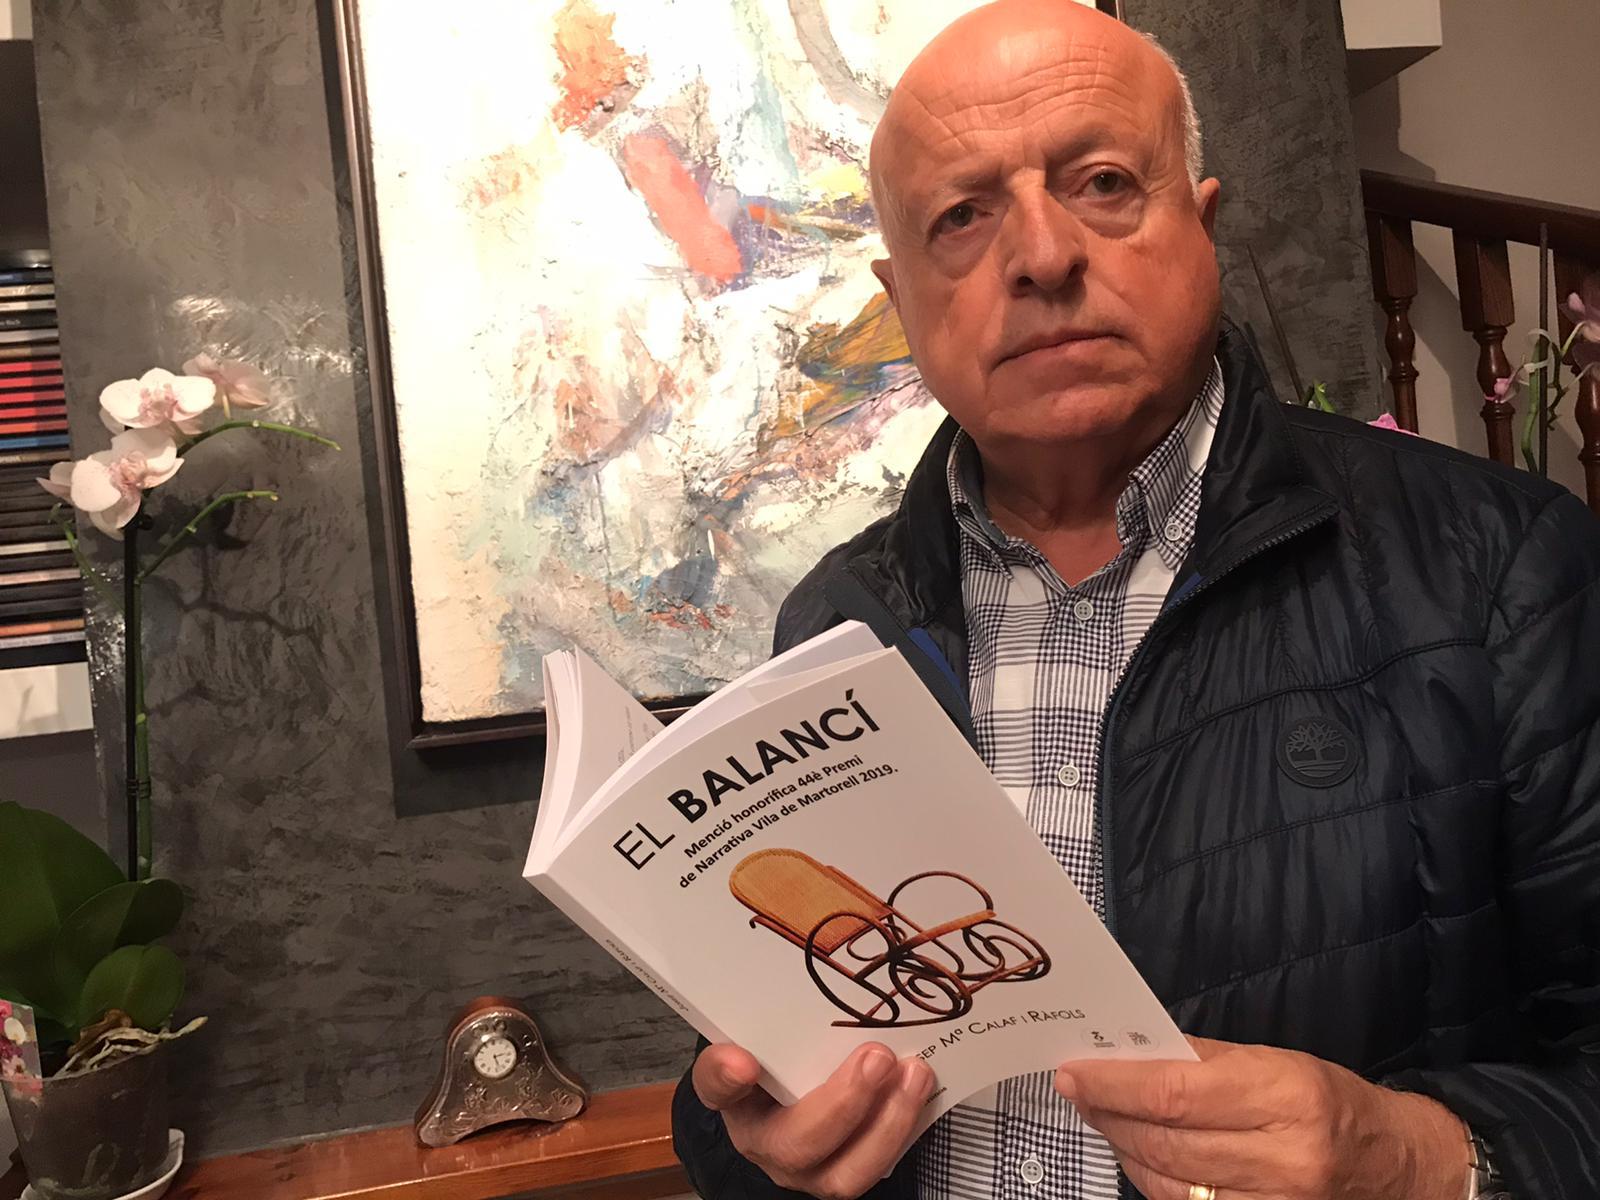 Josep Maria Calaf i la seva novel·la 'El balancí'